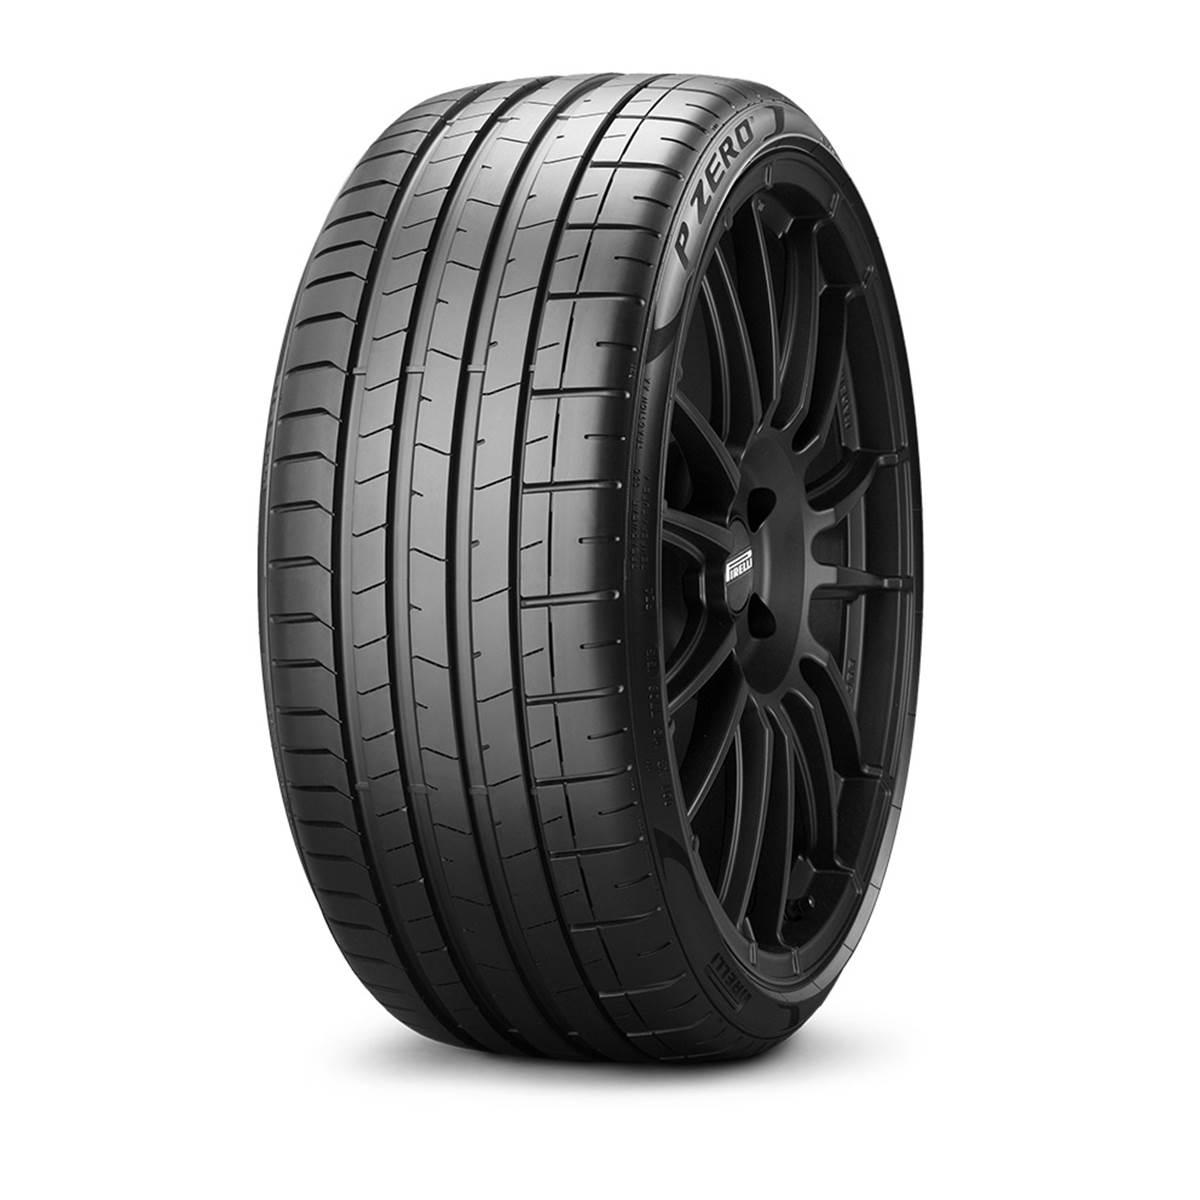 Pneu Runflat Pirelli 225/40R19 89W Pzero